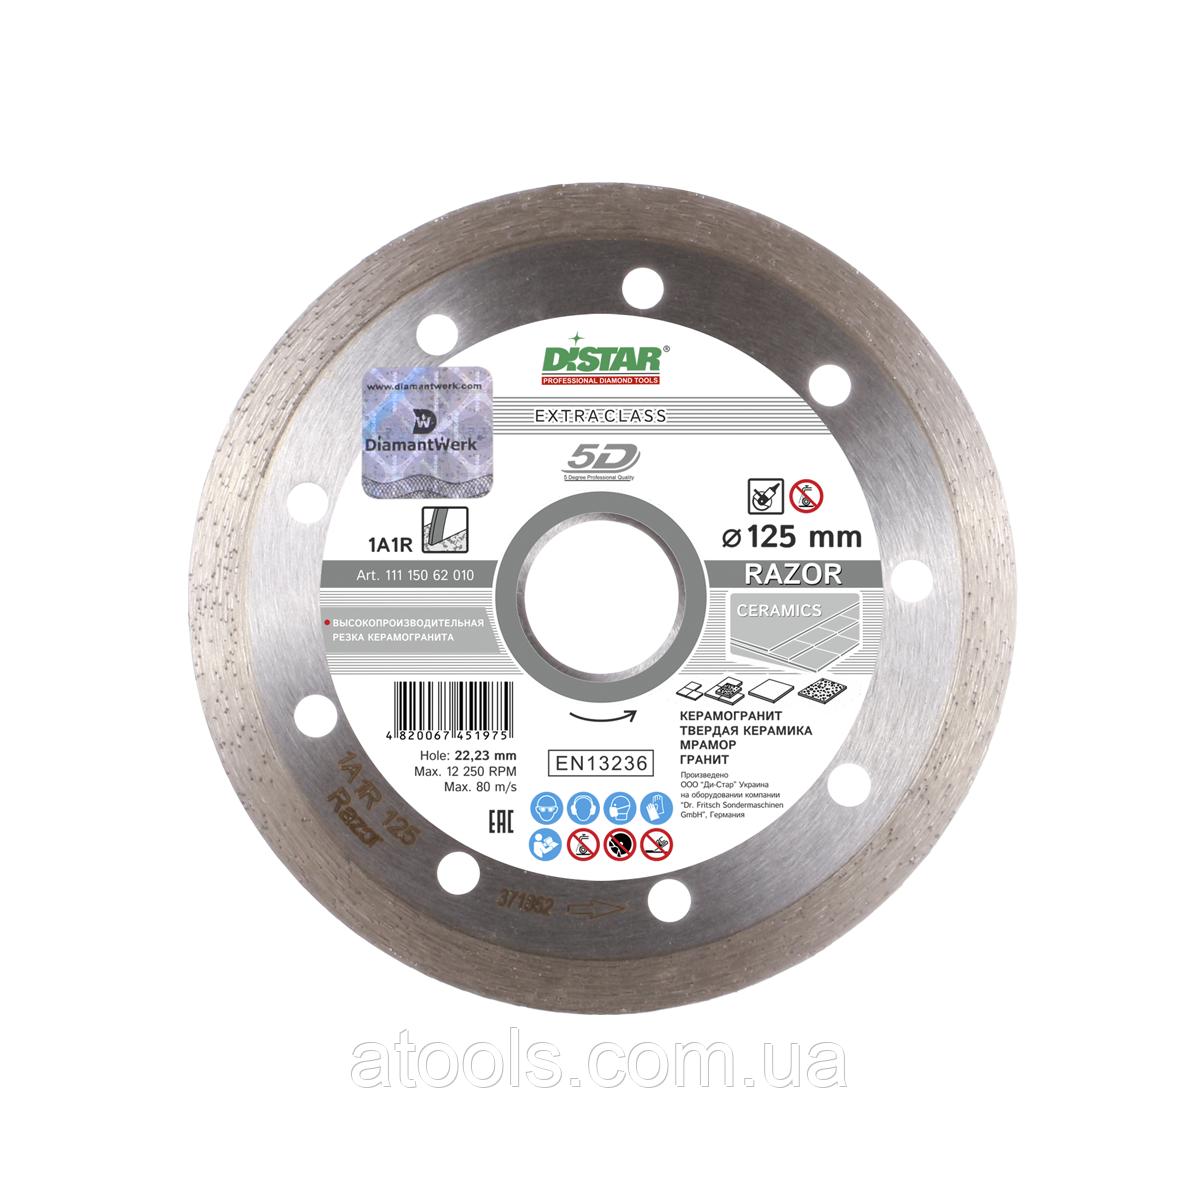 Алмазный отрезной диск Distar Razor 1A1R 150x1.6x8x22.23 (11115062012)